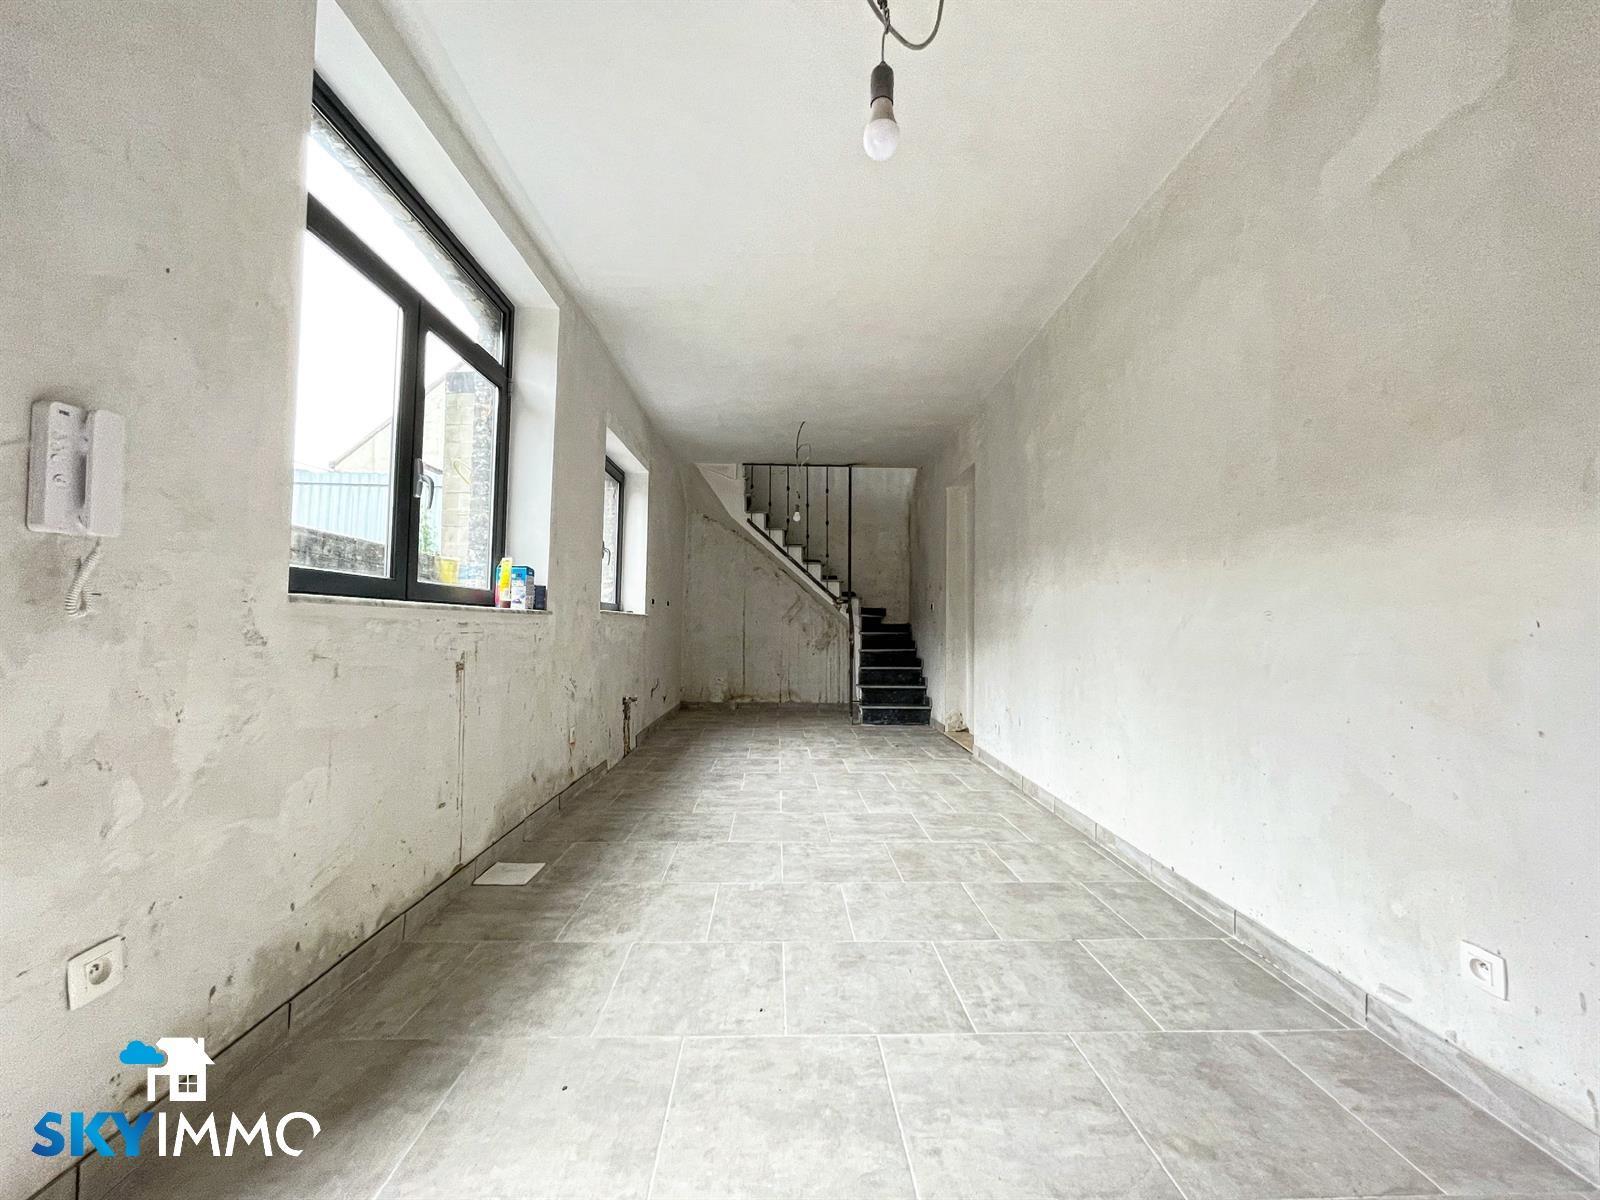 Maison - Seraing - #4399538-23